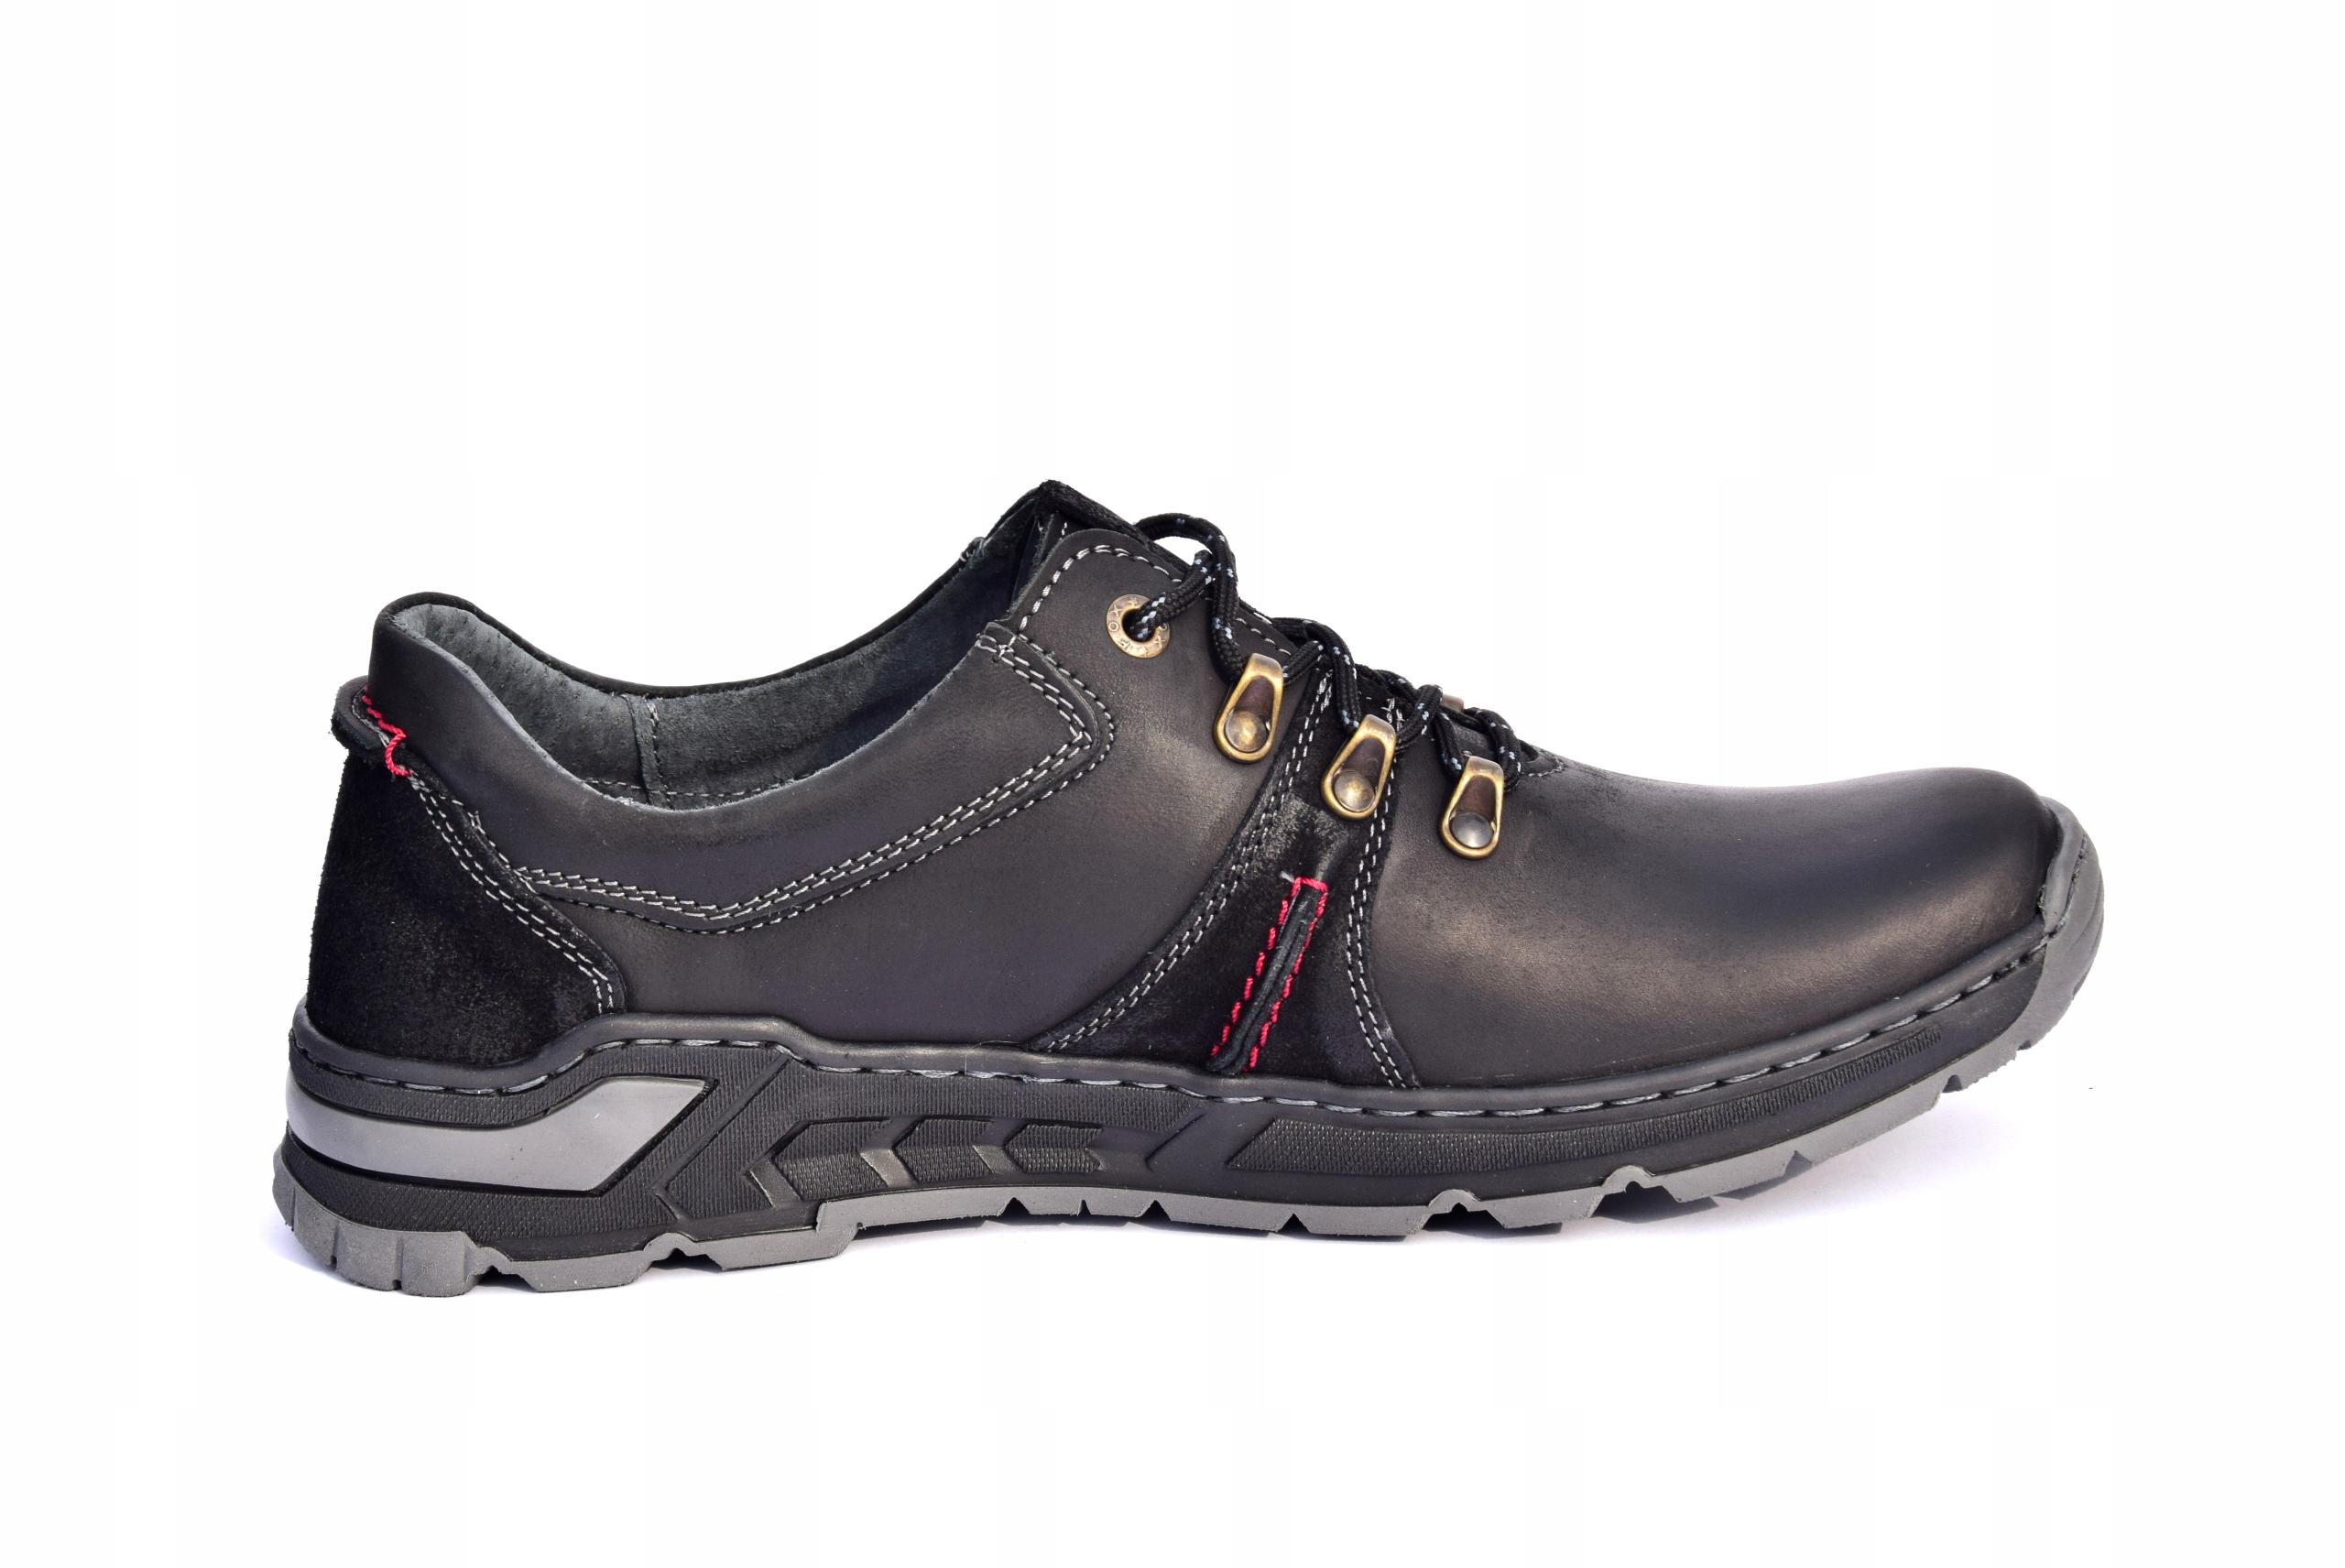 Półbuty trekkingowe obuwie skórzane polskie 0242 Marka inna